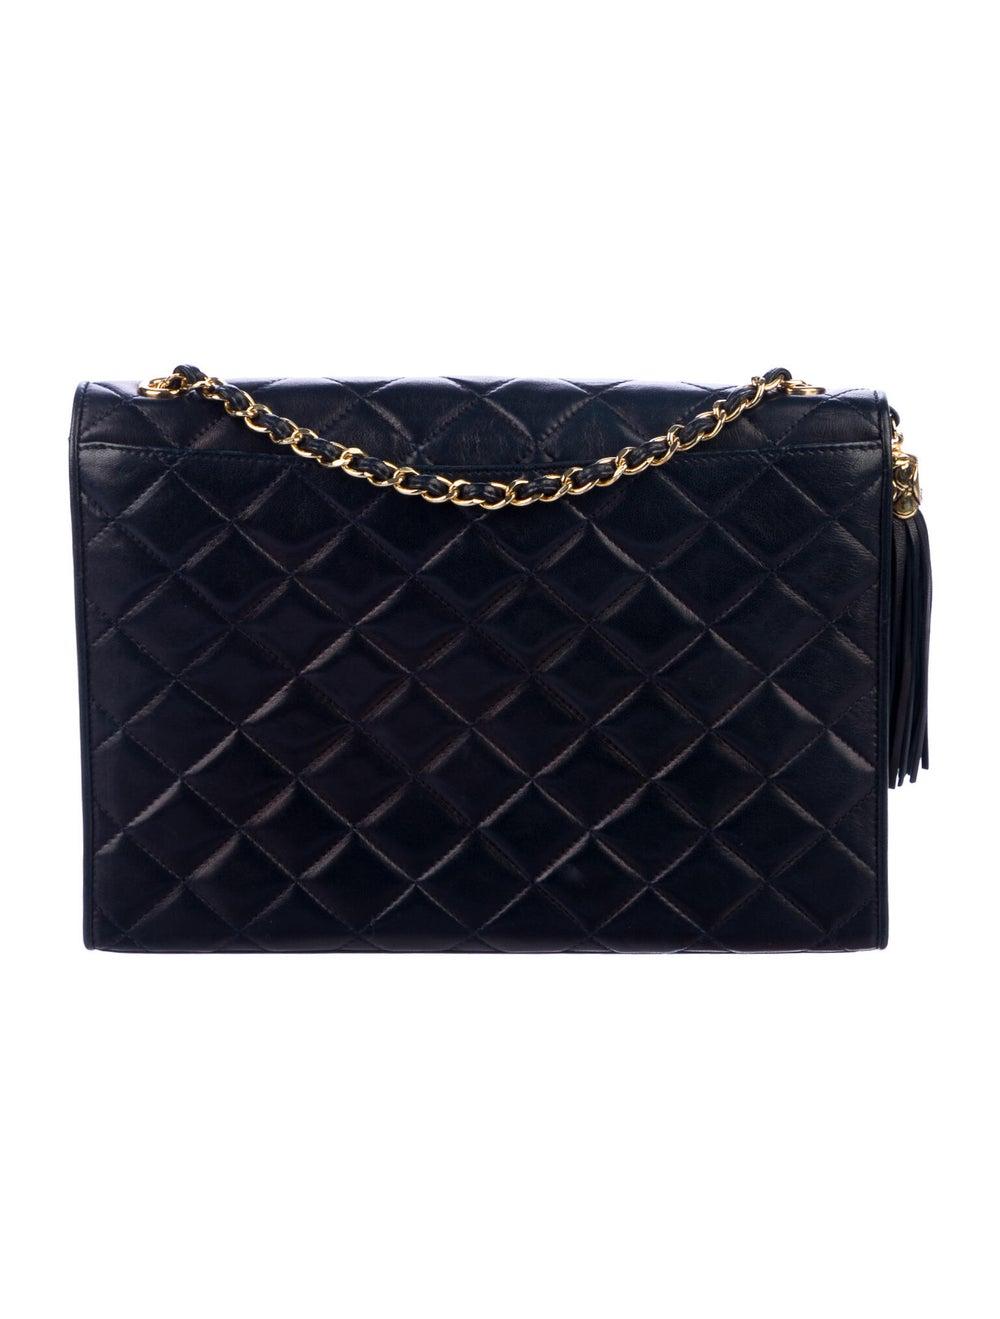 Chanel Vintage Tassel Flap Bag Blue - image 4